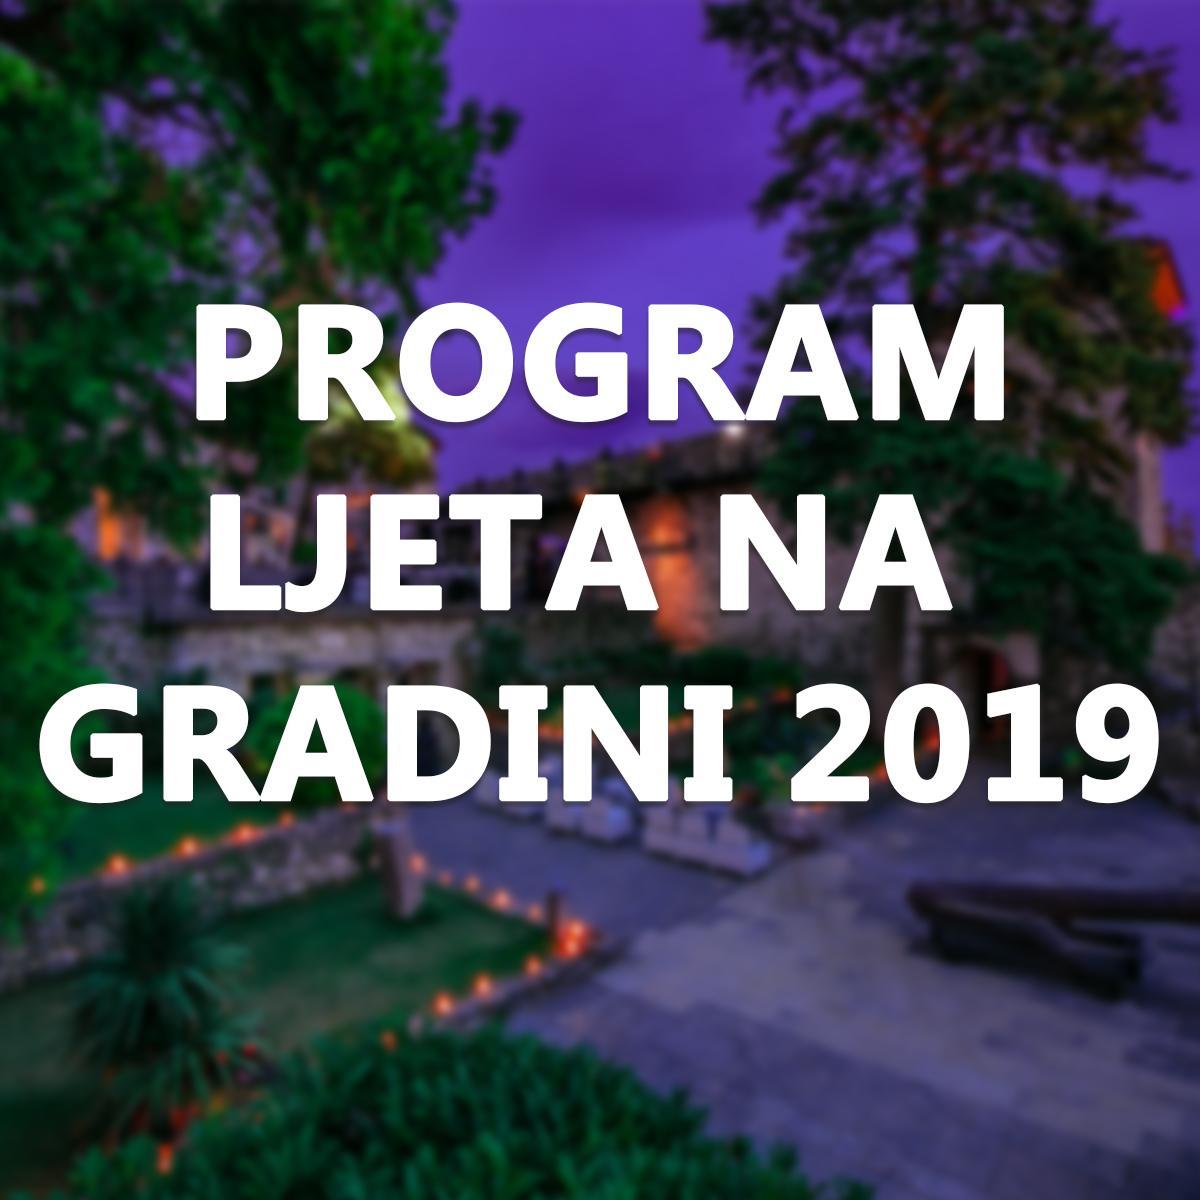 PROGRAM LJETA NA GRADINI 2019